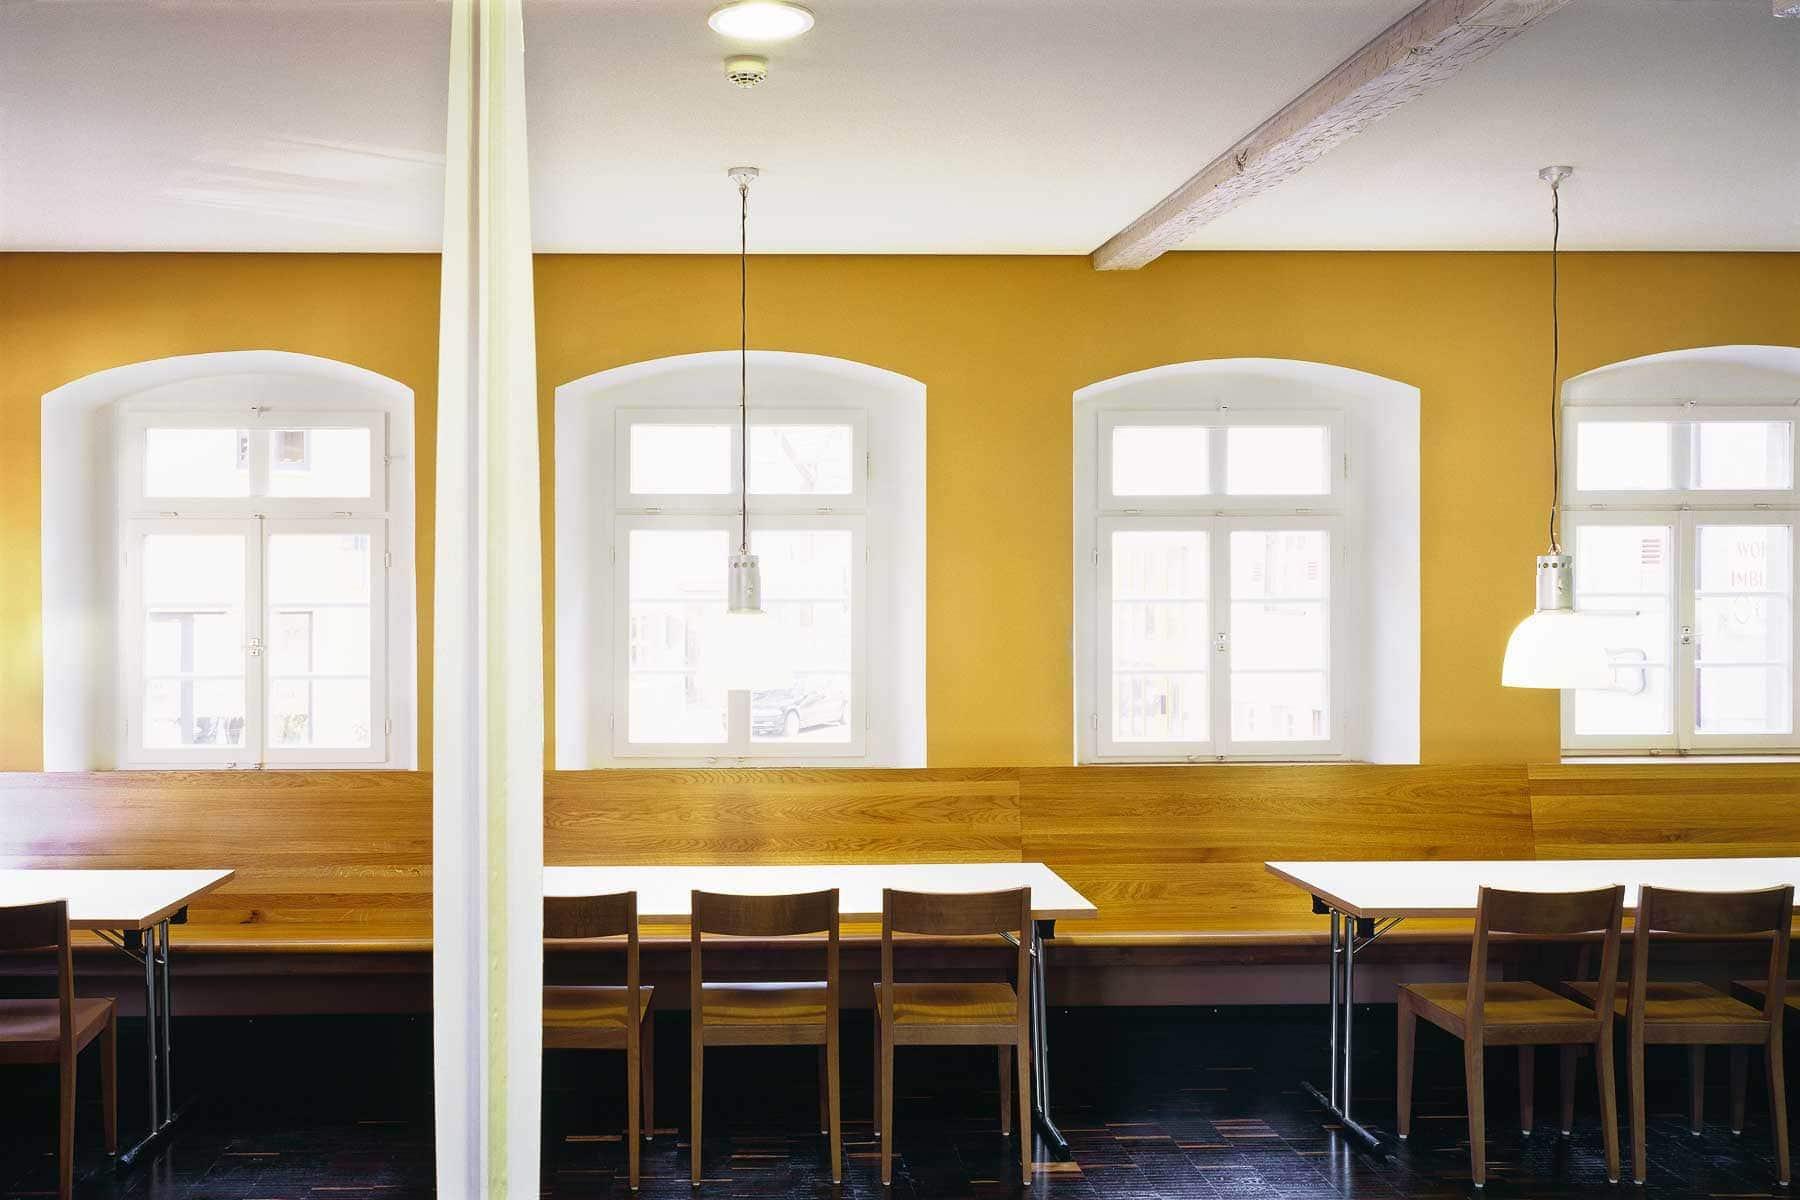 Mensa Hochschule, Nürtingen